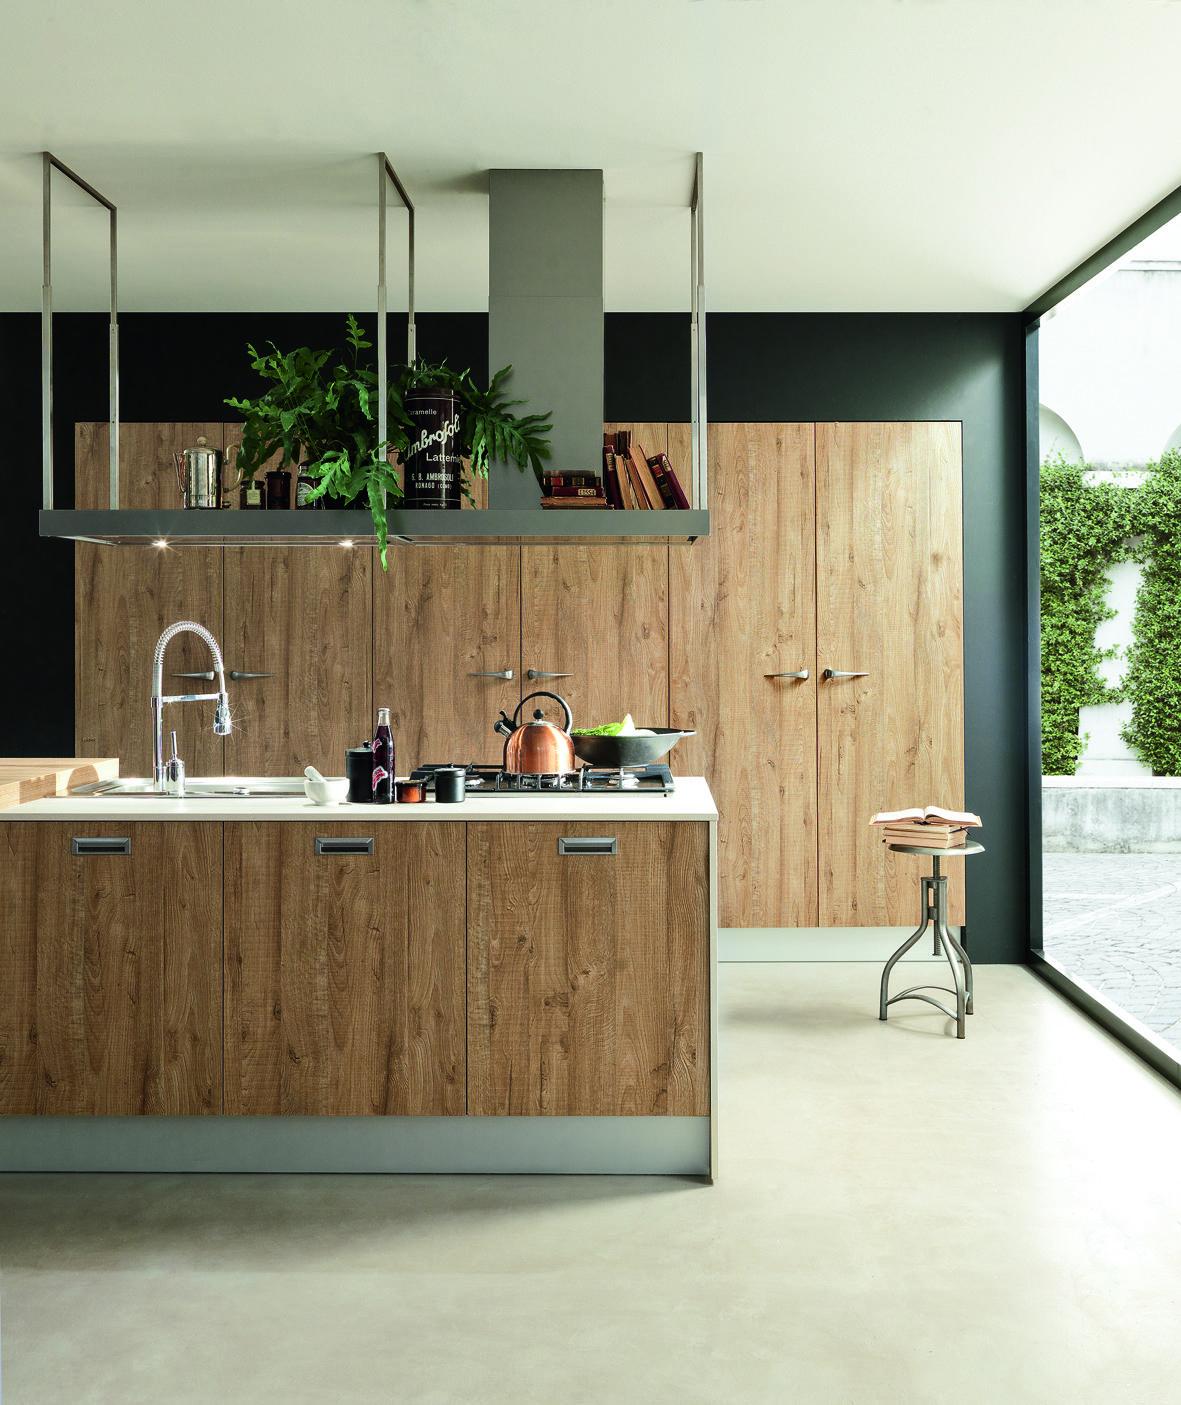 7. ice industrial edition di febal è una cucina dominata dalla ... - Cappa Cucina Sospesa